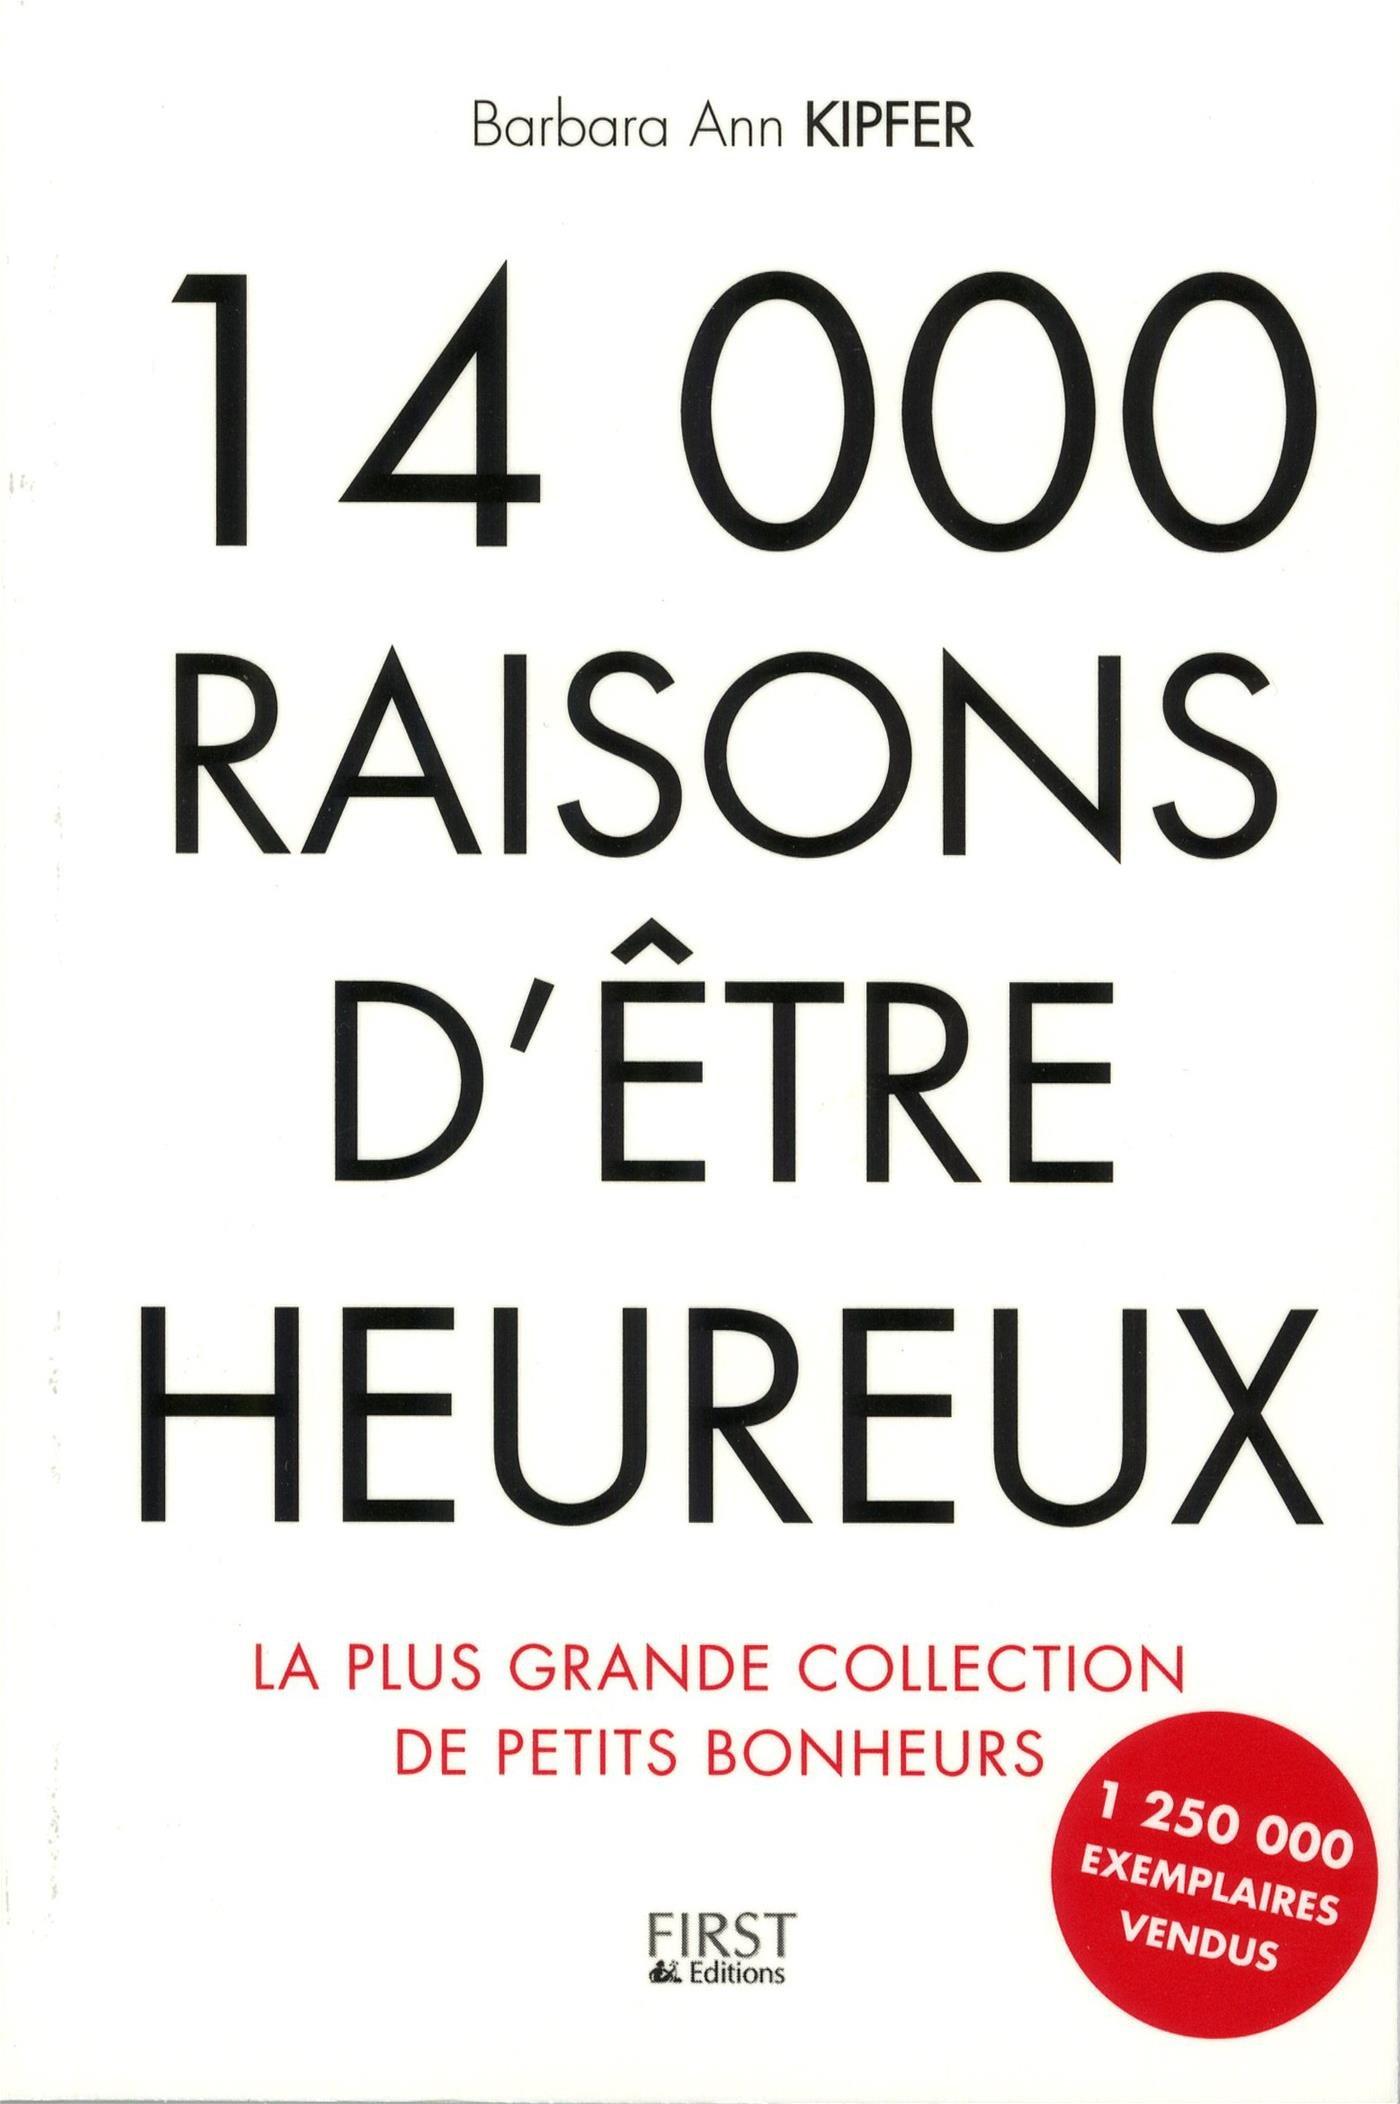 14 000 raisons d'être heureux ! Plus de 1 250 000 lecteurs dans le monde !